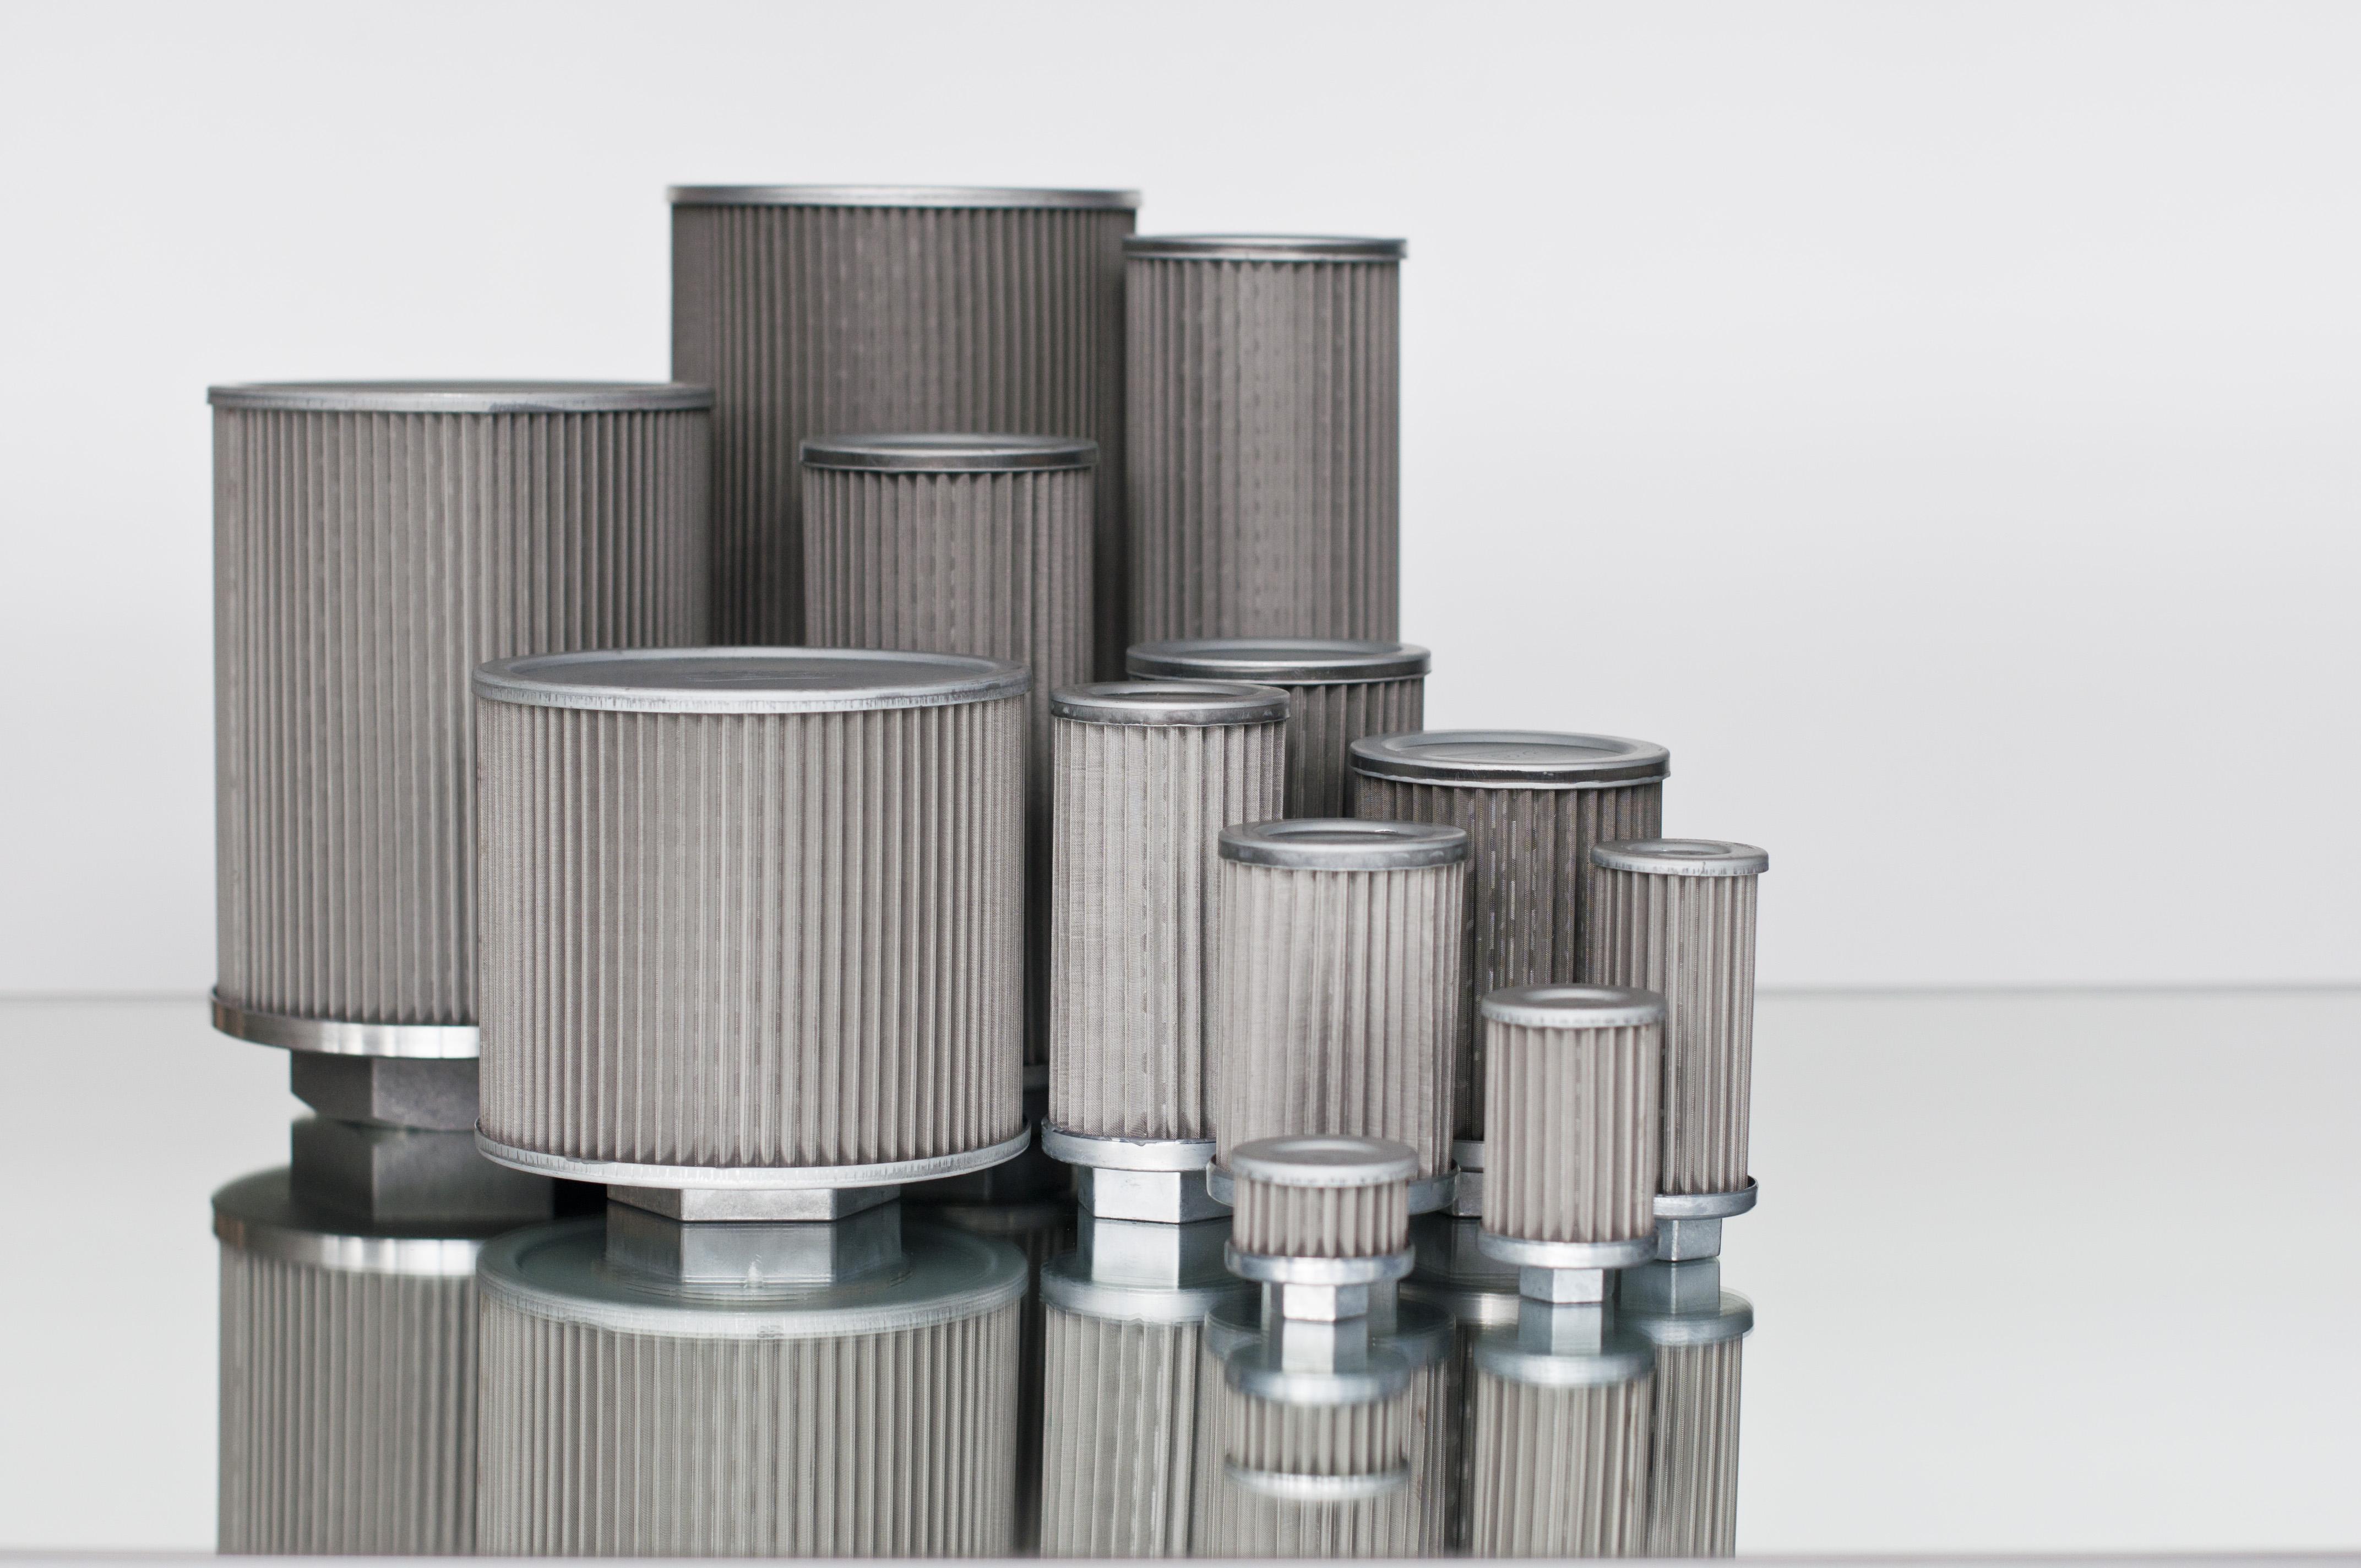 Filtros de aspiración sumergidos para hidráulica. Filtros de aceite para el funcionamiento de aspira...